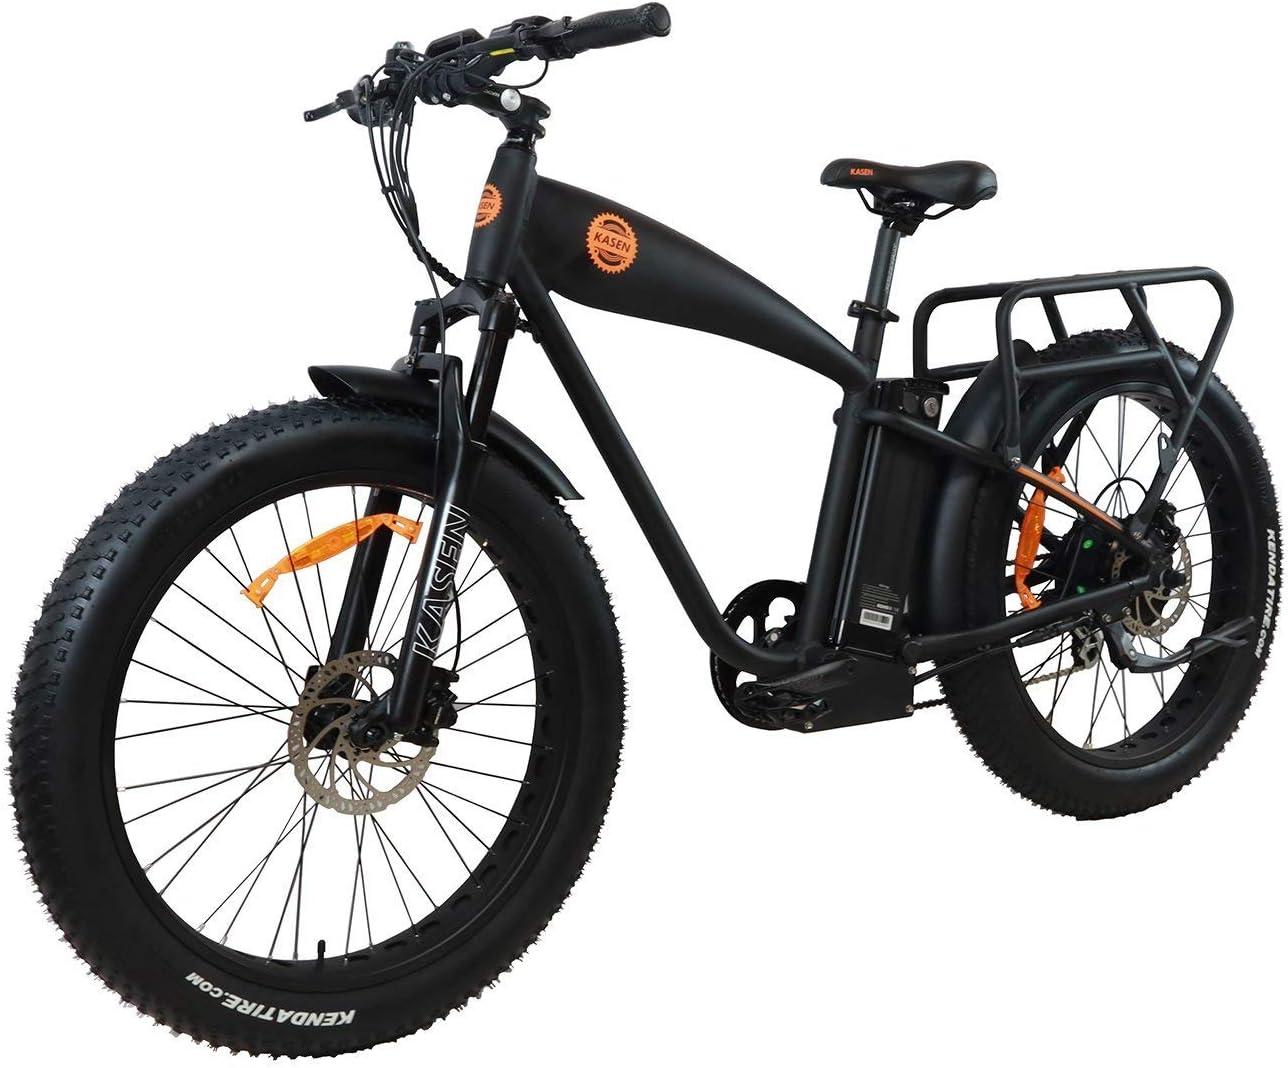 Kasen K-6.0 e-bike